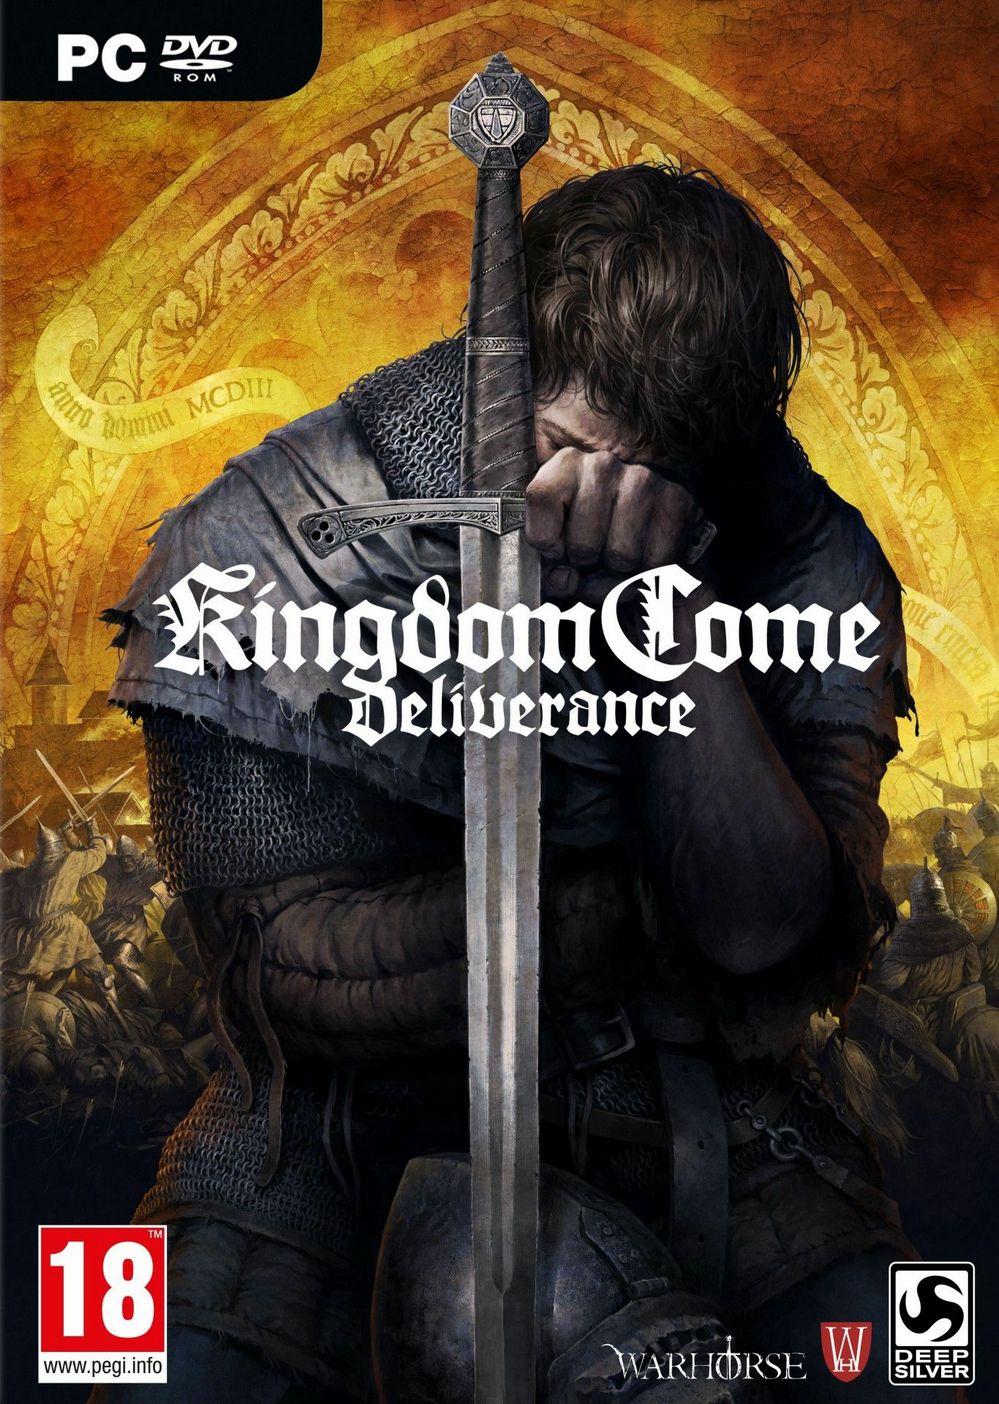 Descargar Kingdom Come Deliverance ESPAÑOL MEGA